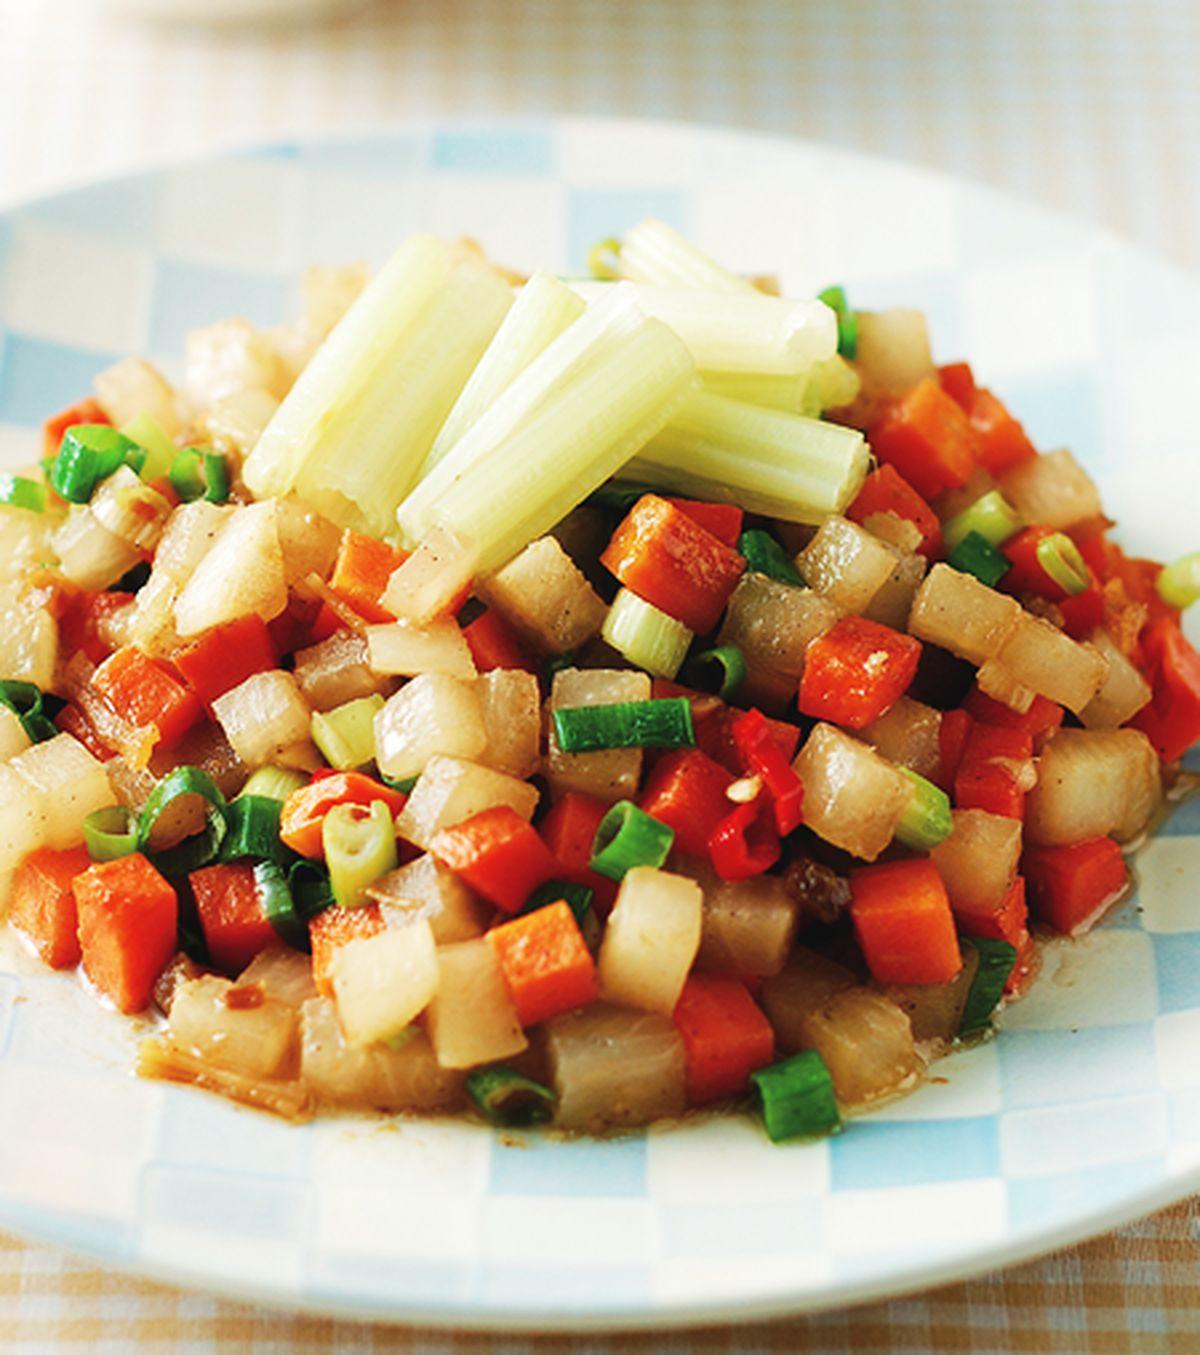 食譜:xo醬拌蘿蔔